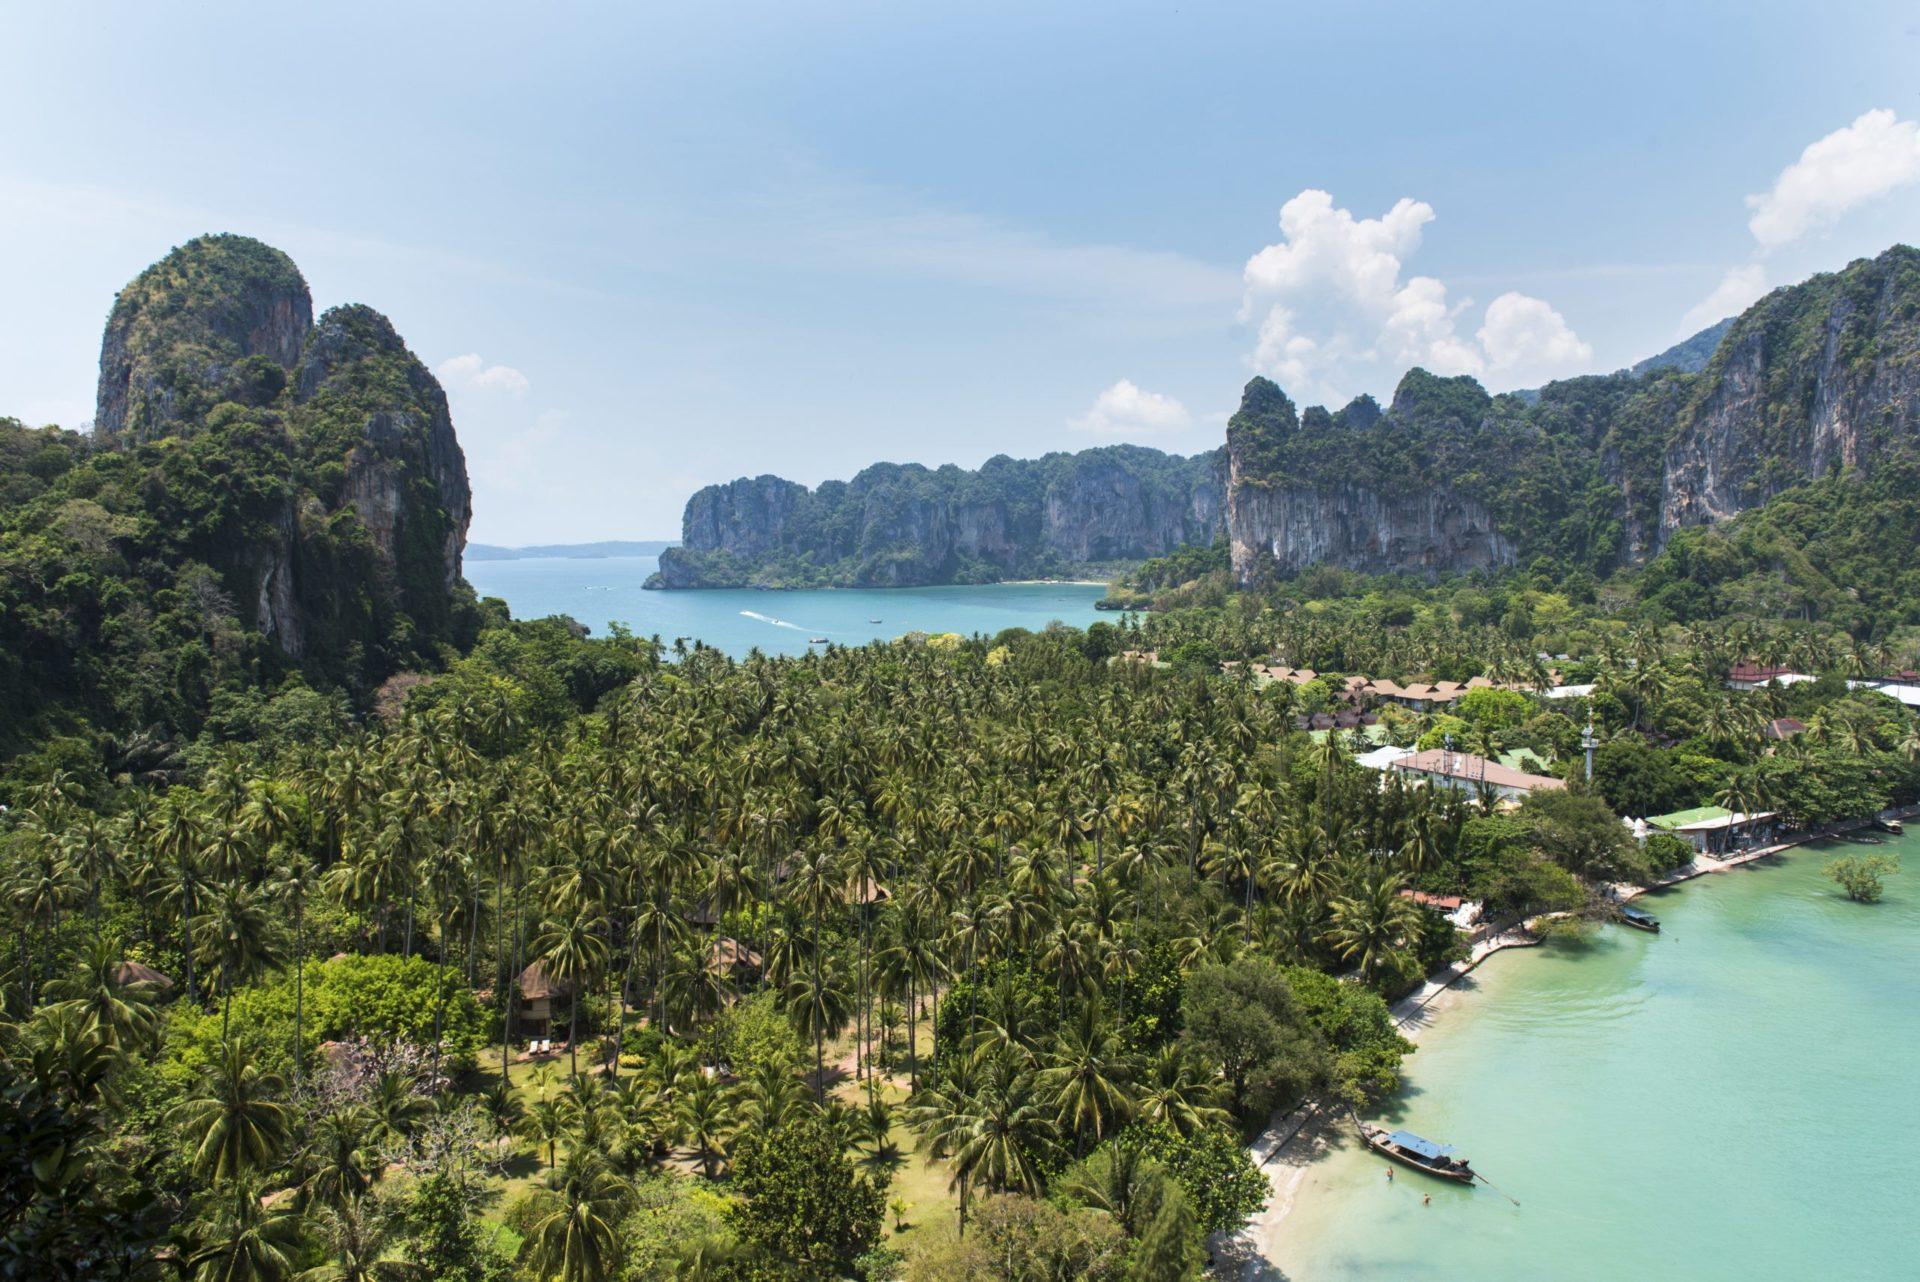 Wassertemperatur Thailand: Railay Bucht mit Strand und Palmen auf der Halbinsel Rai Leh südwestlich von Krabi